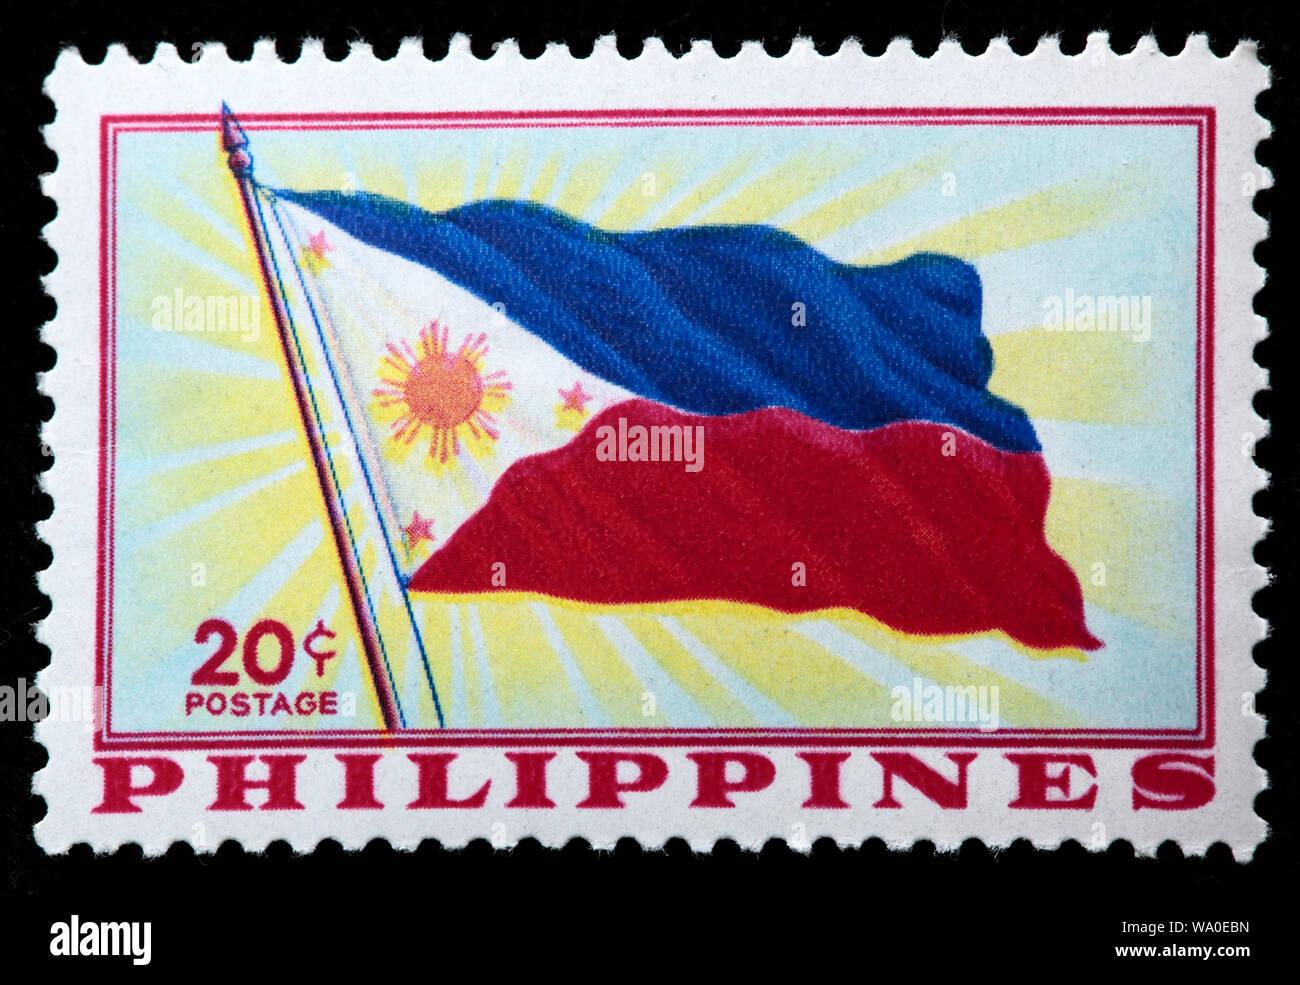 Filipino Postage Stamp Philippines Stock Photos Filipino